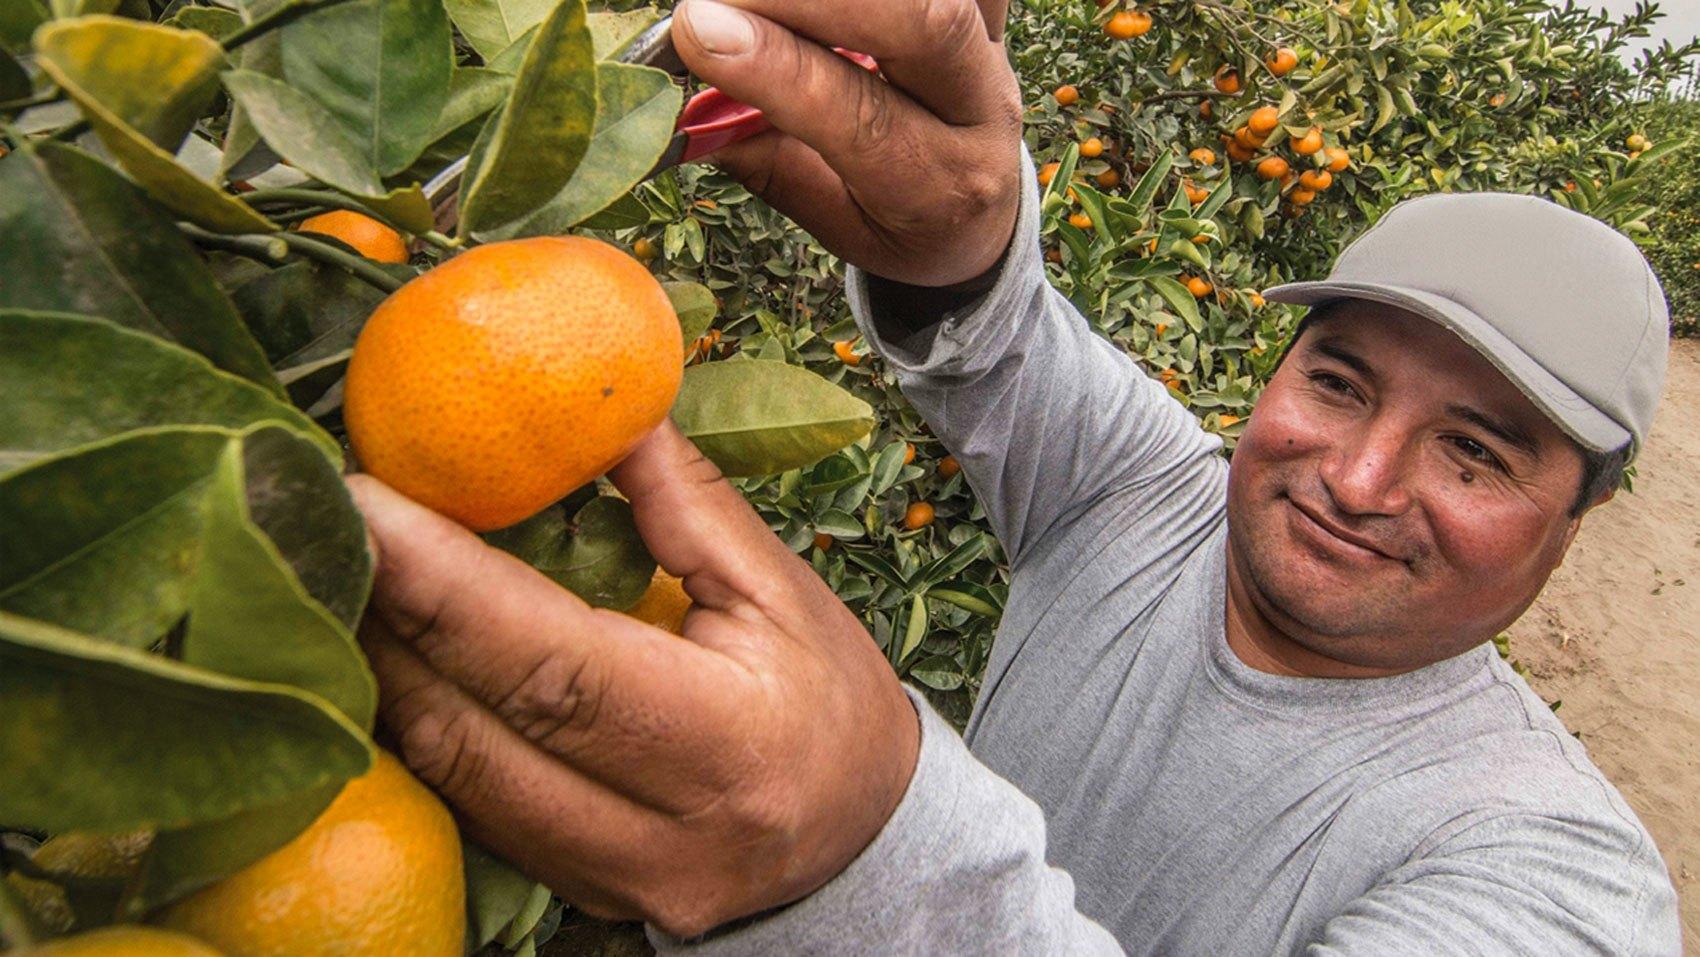 Supplier Opportunity/tangerine-picker.jpg